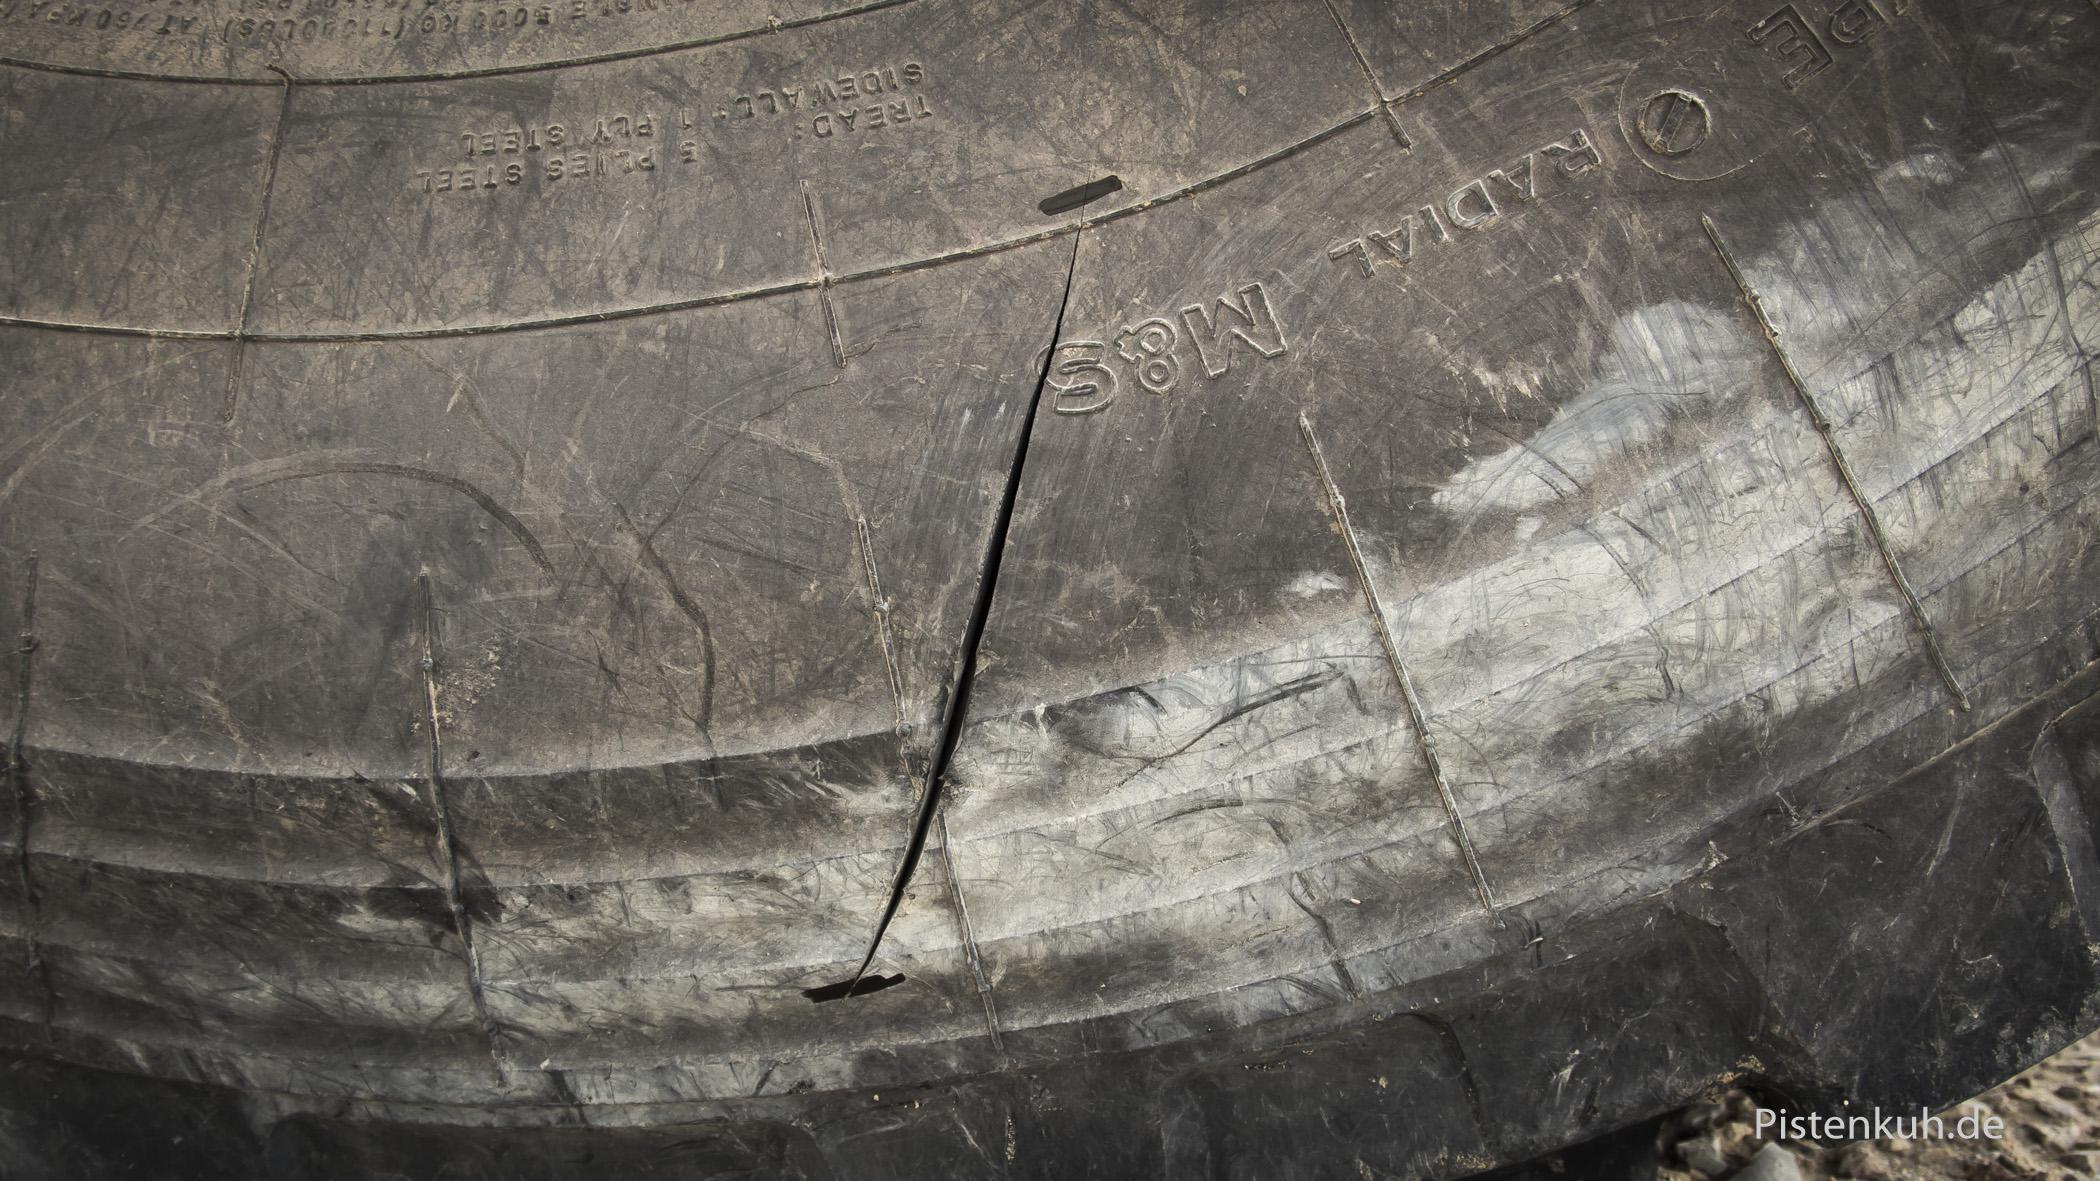 Das Reifenproblem ist deutlich sichtbar, der Riss.